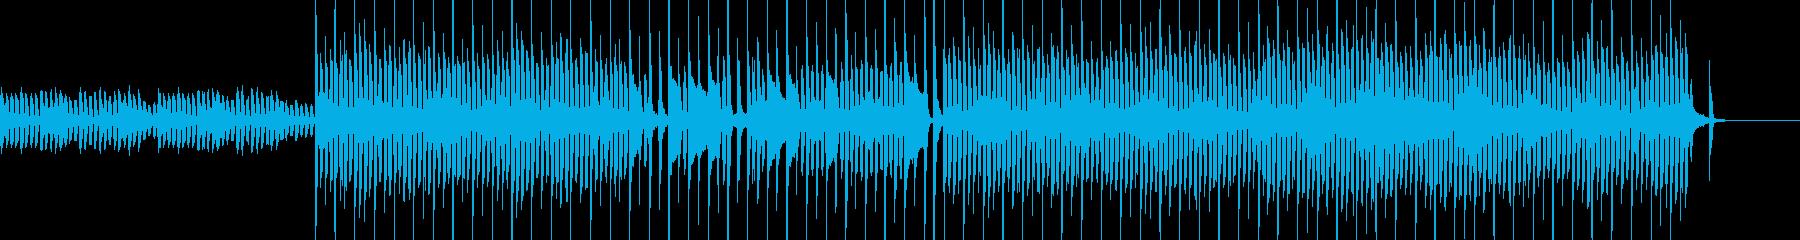 子供向け番組BGM風なポップスの再生済みの波形